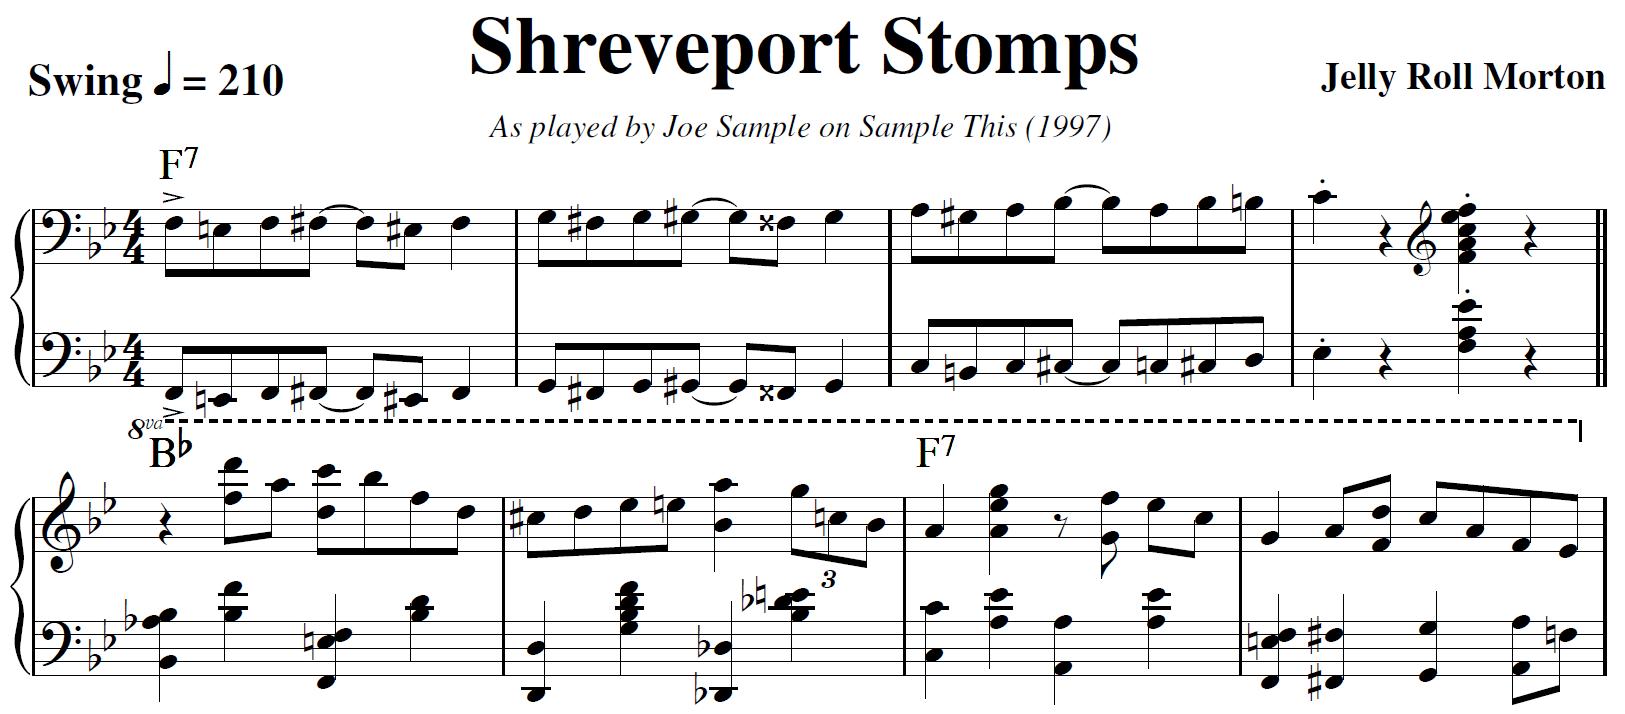 Shreveport Stomps